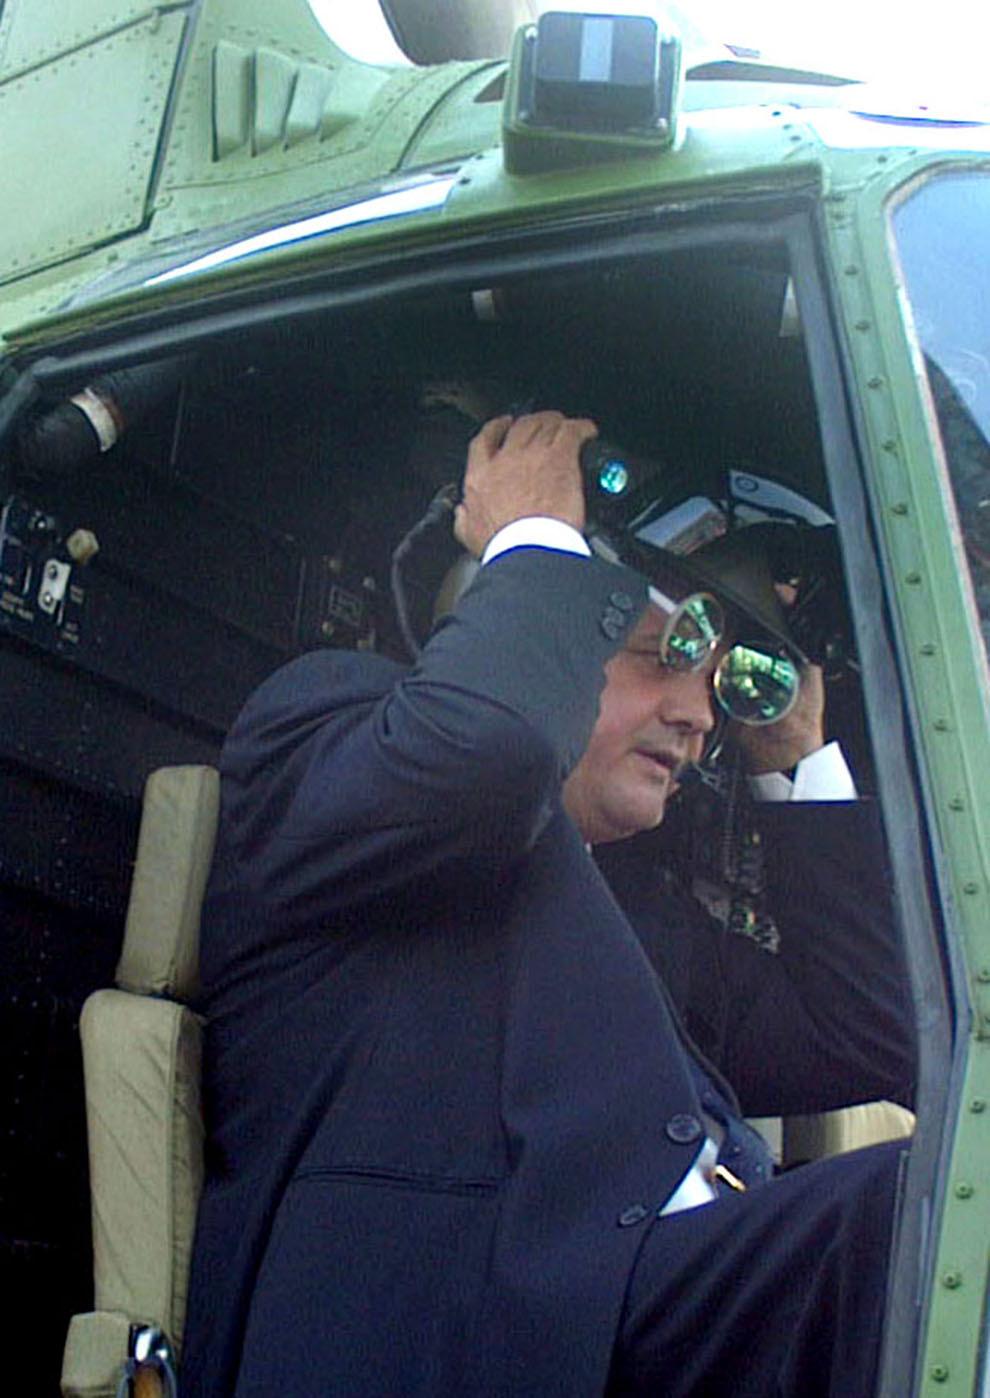 Premierul Adrian Năstase urcă într-un elicopter, în timpul vizitei la expoziţia de tehnică militară Expomil 2001, în Bucureşti, marţi, 13 noiembrie 2001.